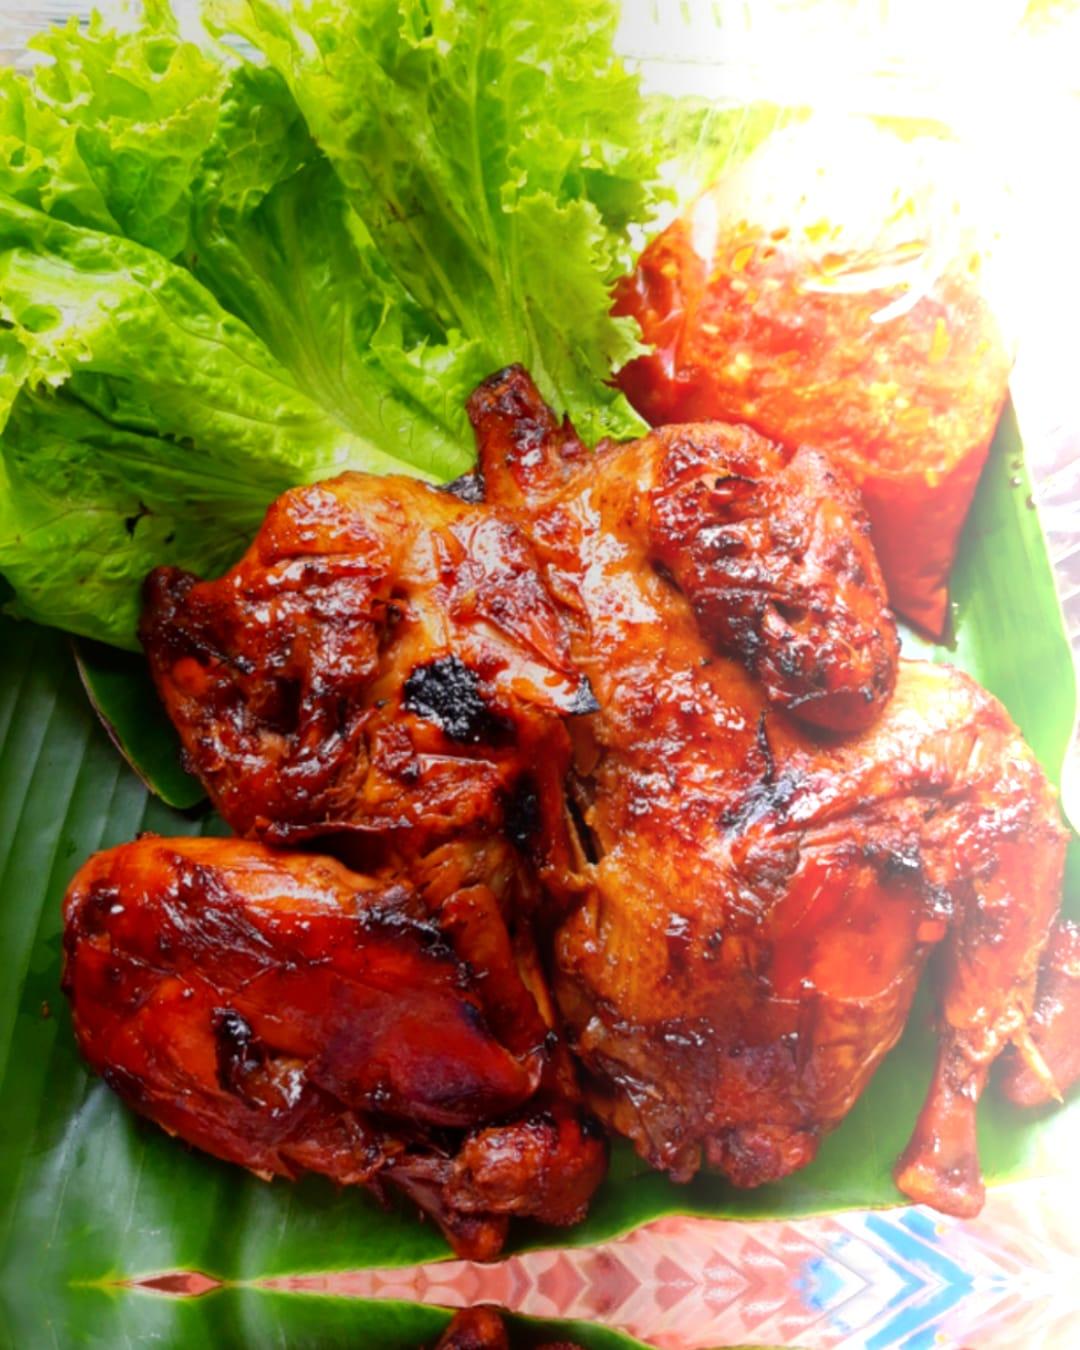 cara nenbuat ayam bakar yang enak dan meresap